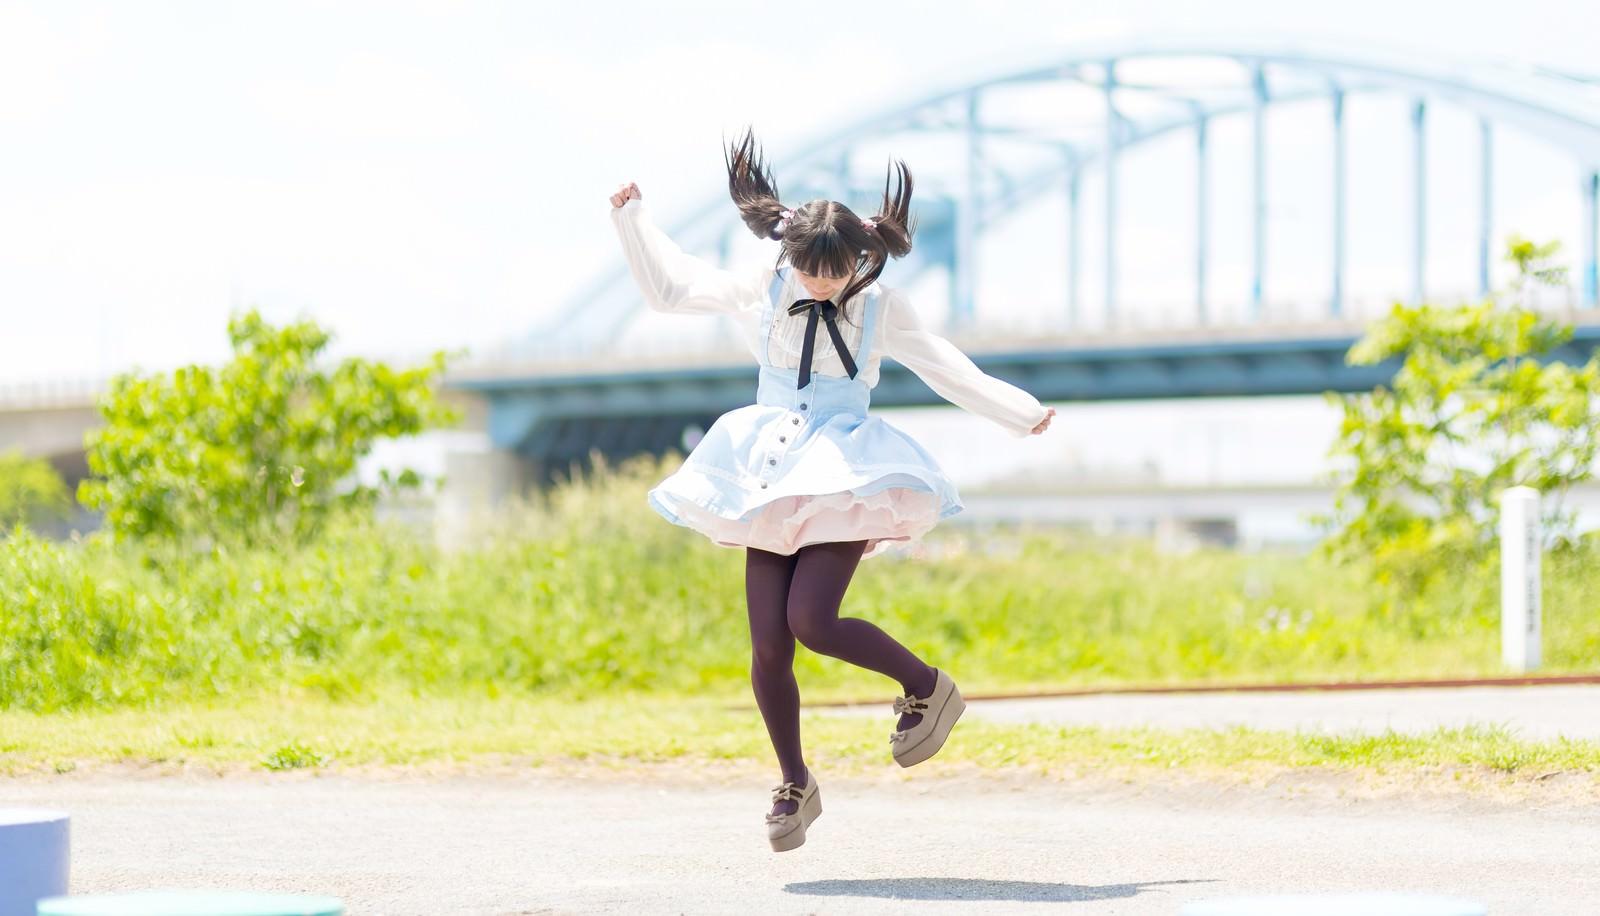 「ジャンプするツインテールの魔法少女」[モデル:こころ]